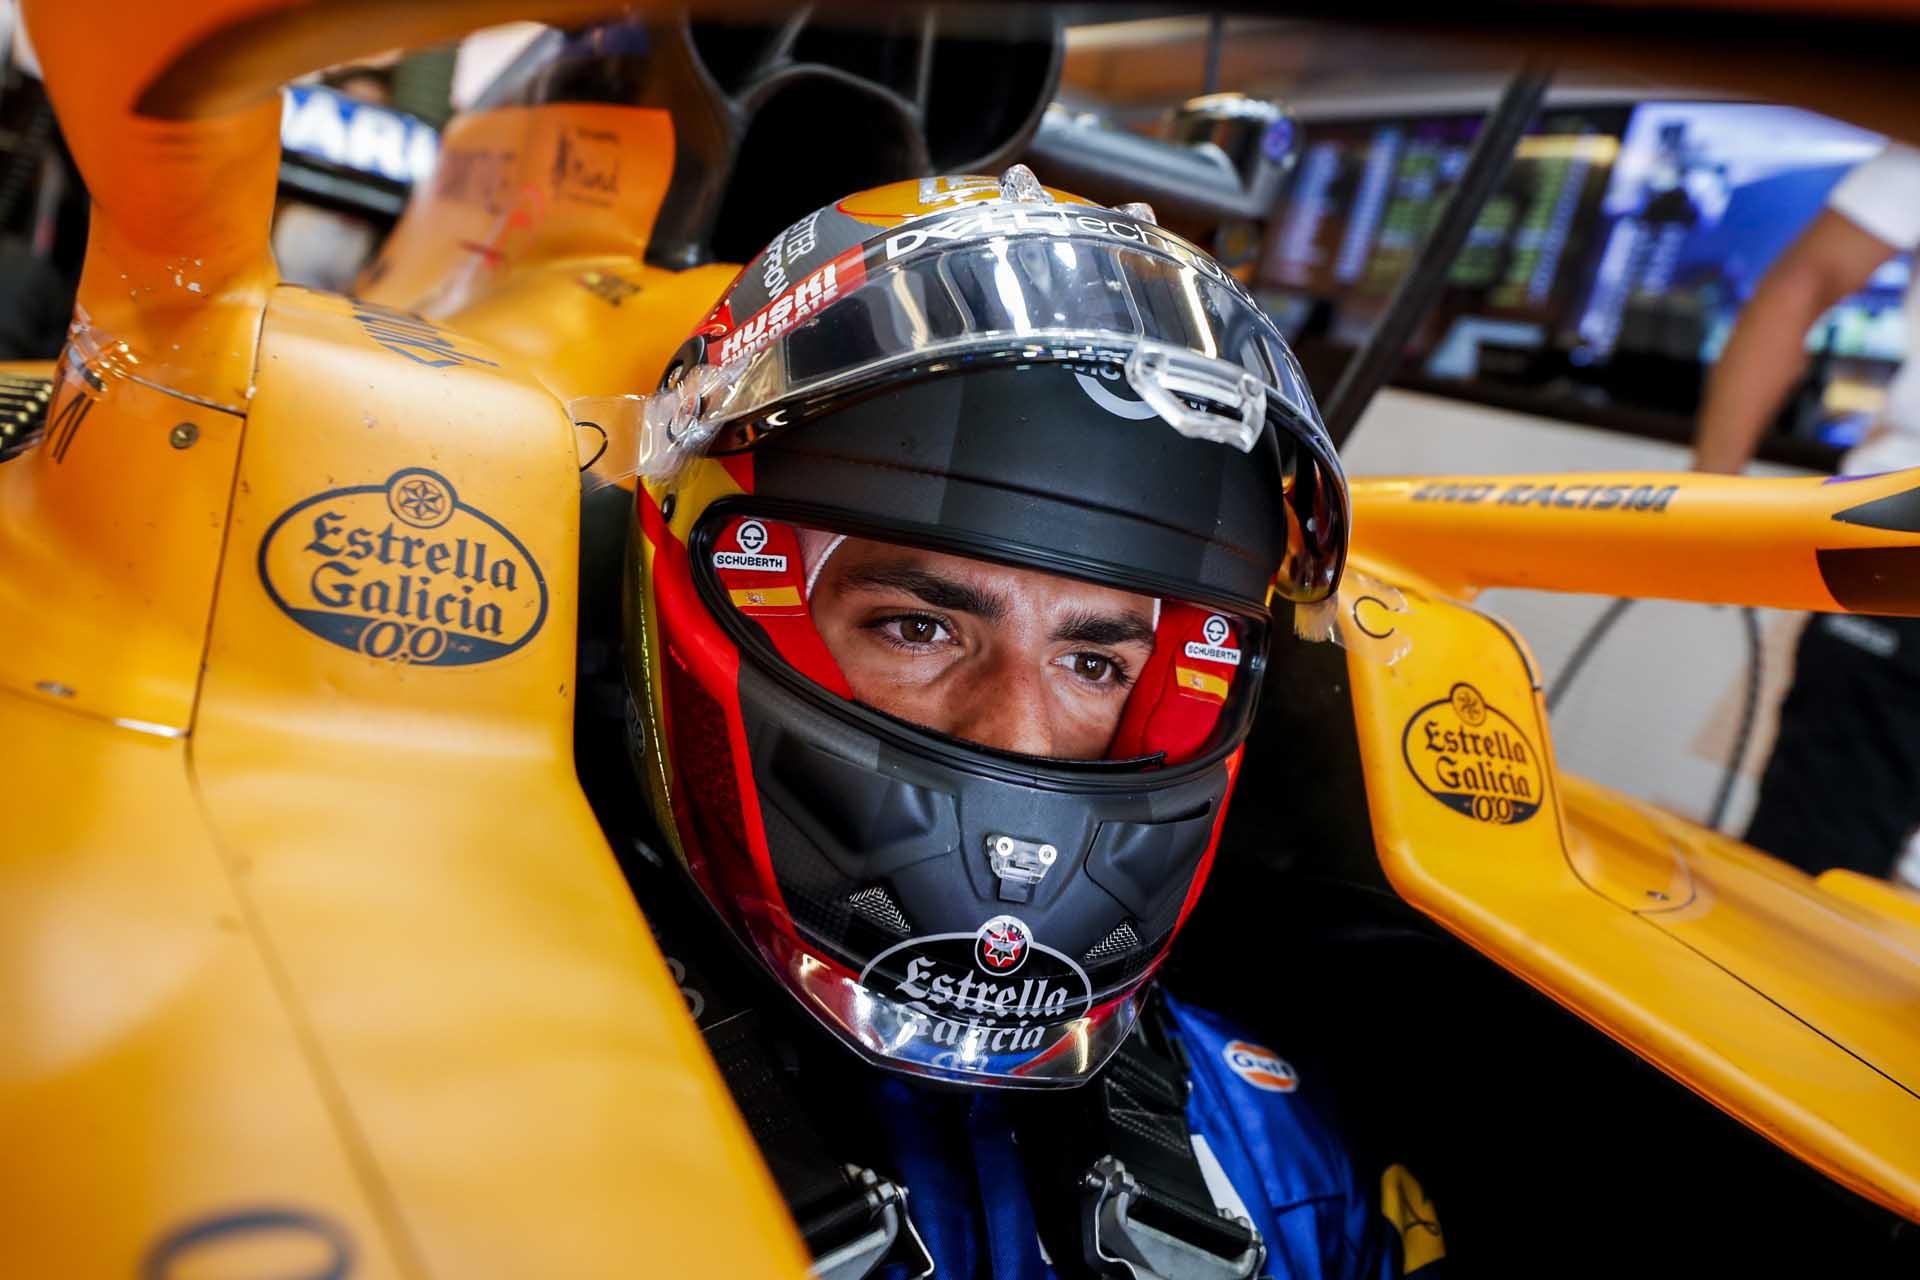 Carlos Sainz, McLaren